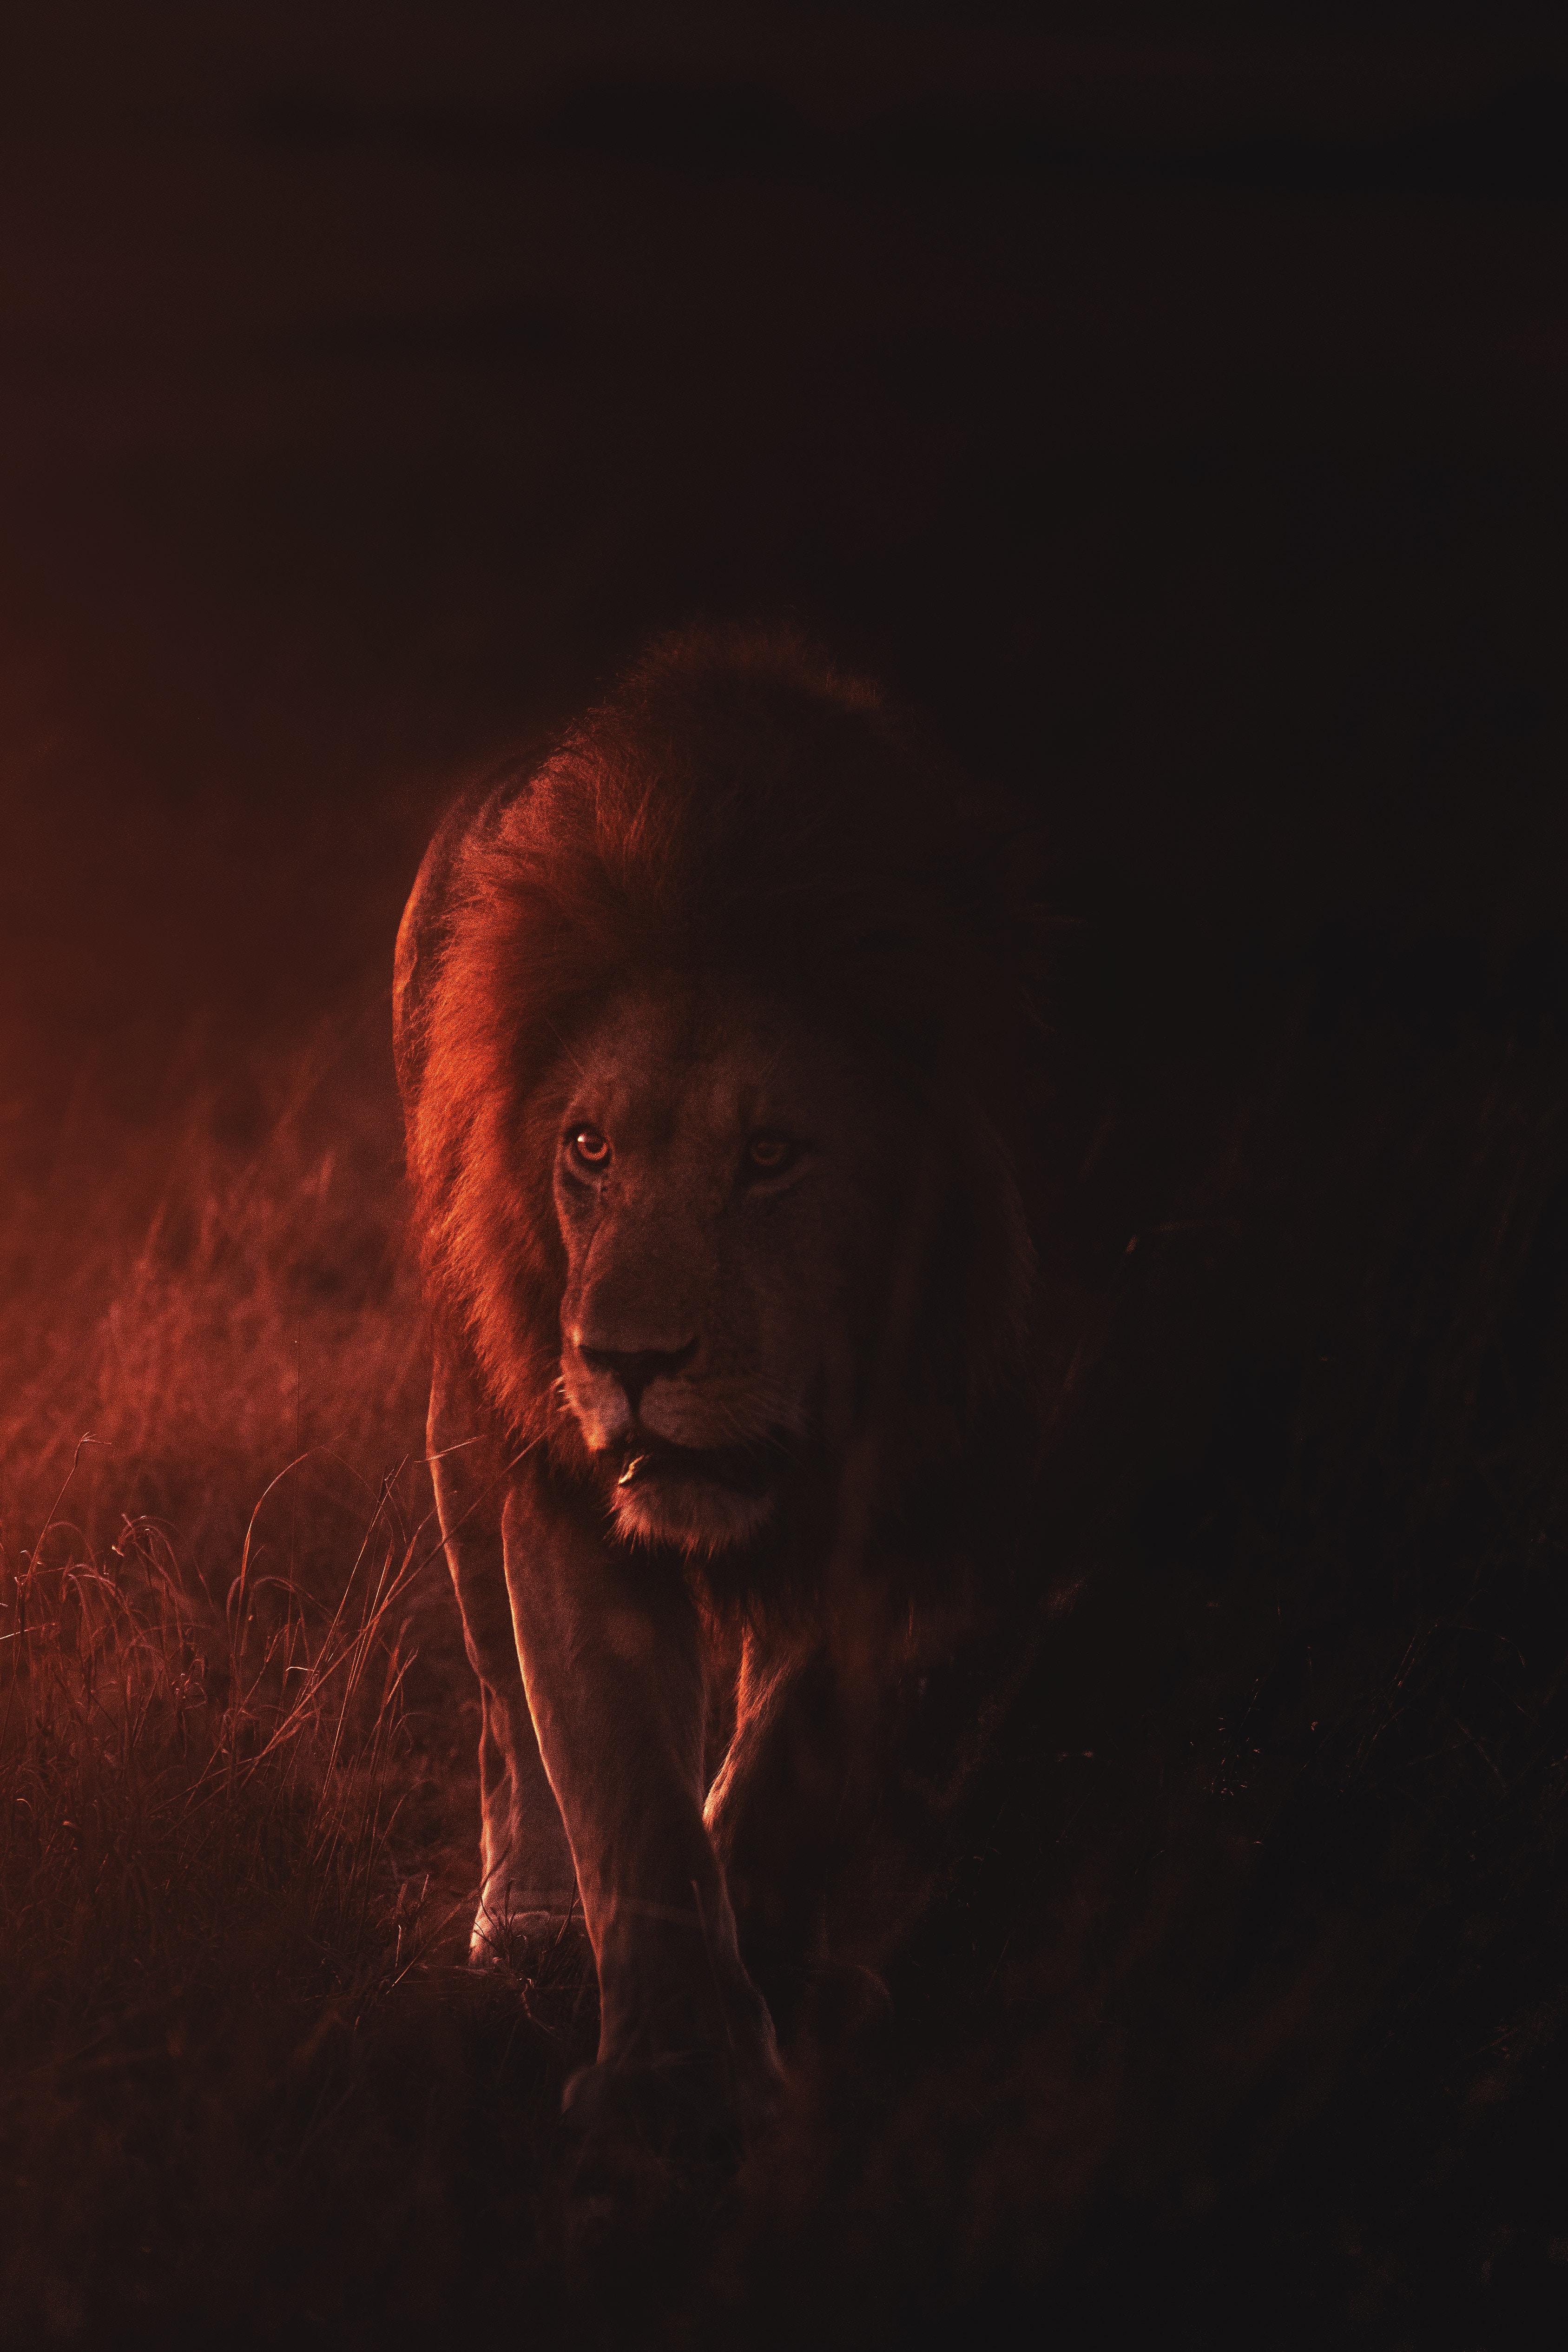 64813 baixar papel de parede Animais, Leão, Um Leão, Predator, Predador, Gato Grande, Animais Selvagens, Vida Selvagem, Rei Das Feras, Rei Das Bestas - protetores de tela e imagens gratuitamente